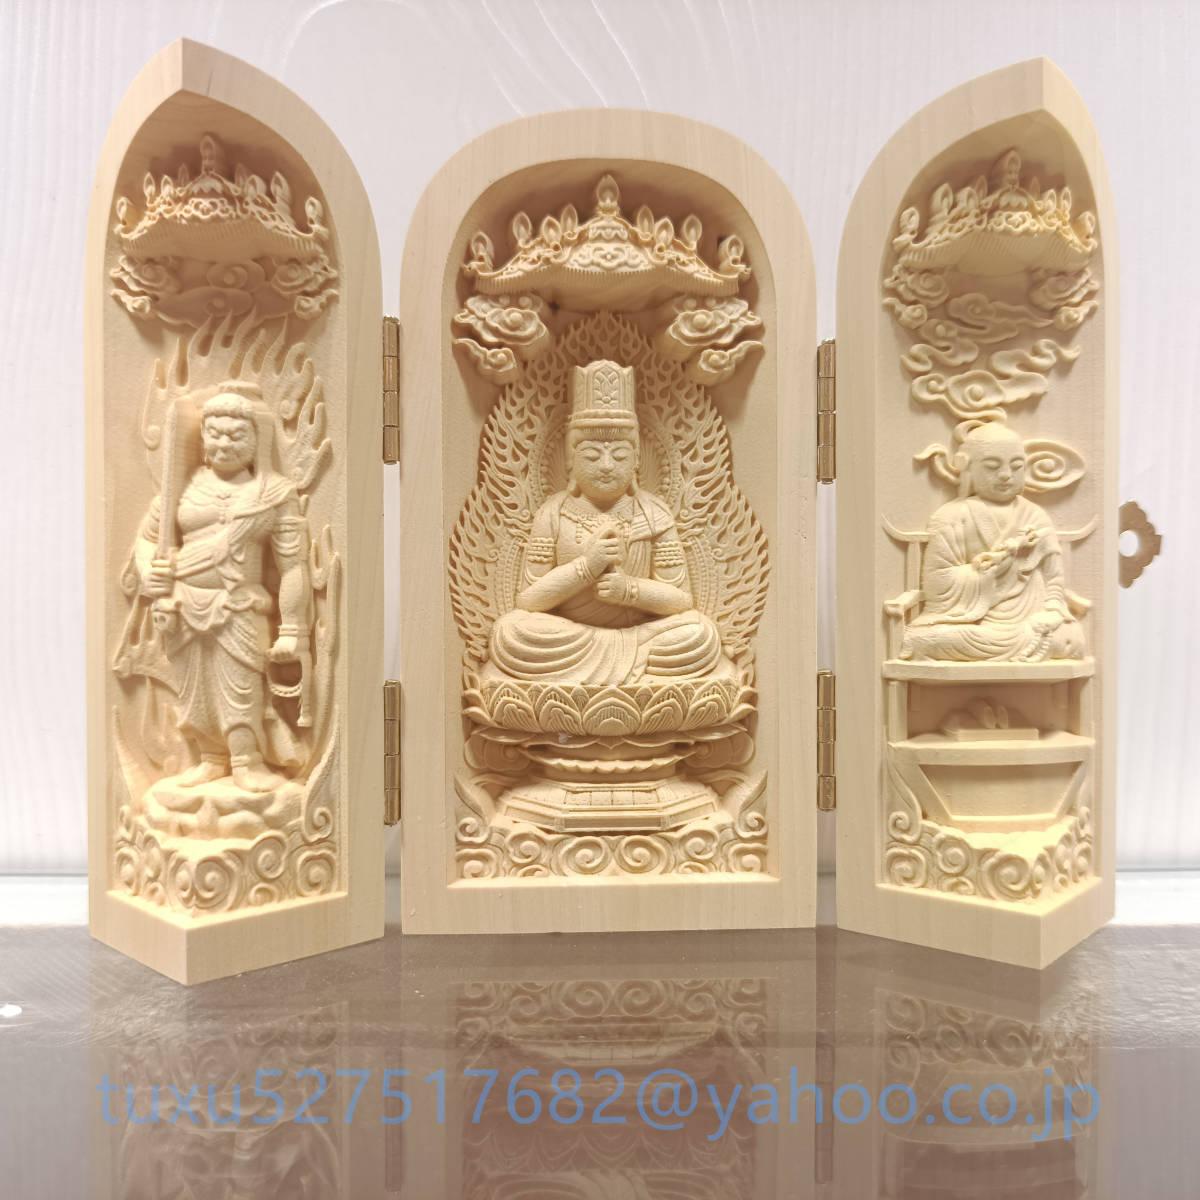 三開仏 木彫仏像 精密彫刻 真言宗三尊 大日如来 弘法大師 不動明王_画像1